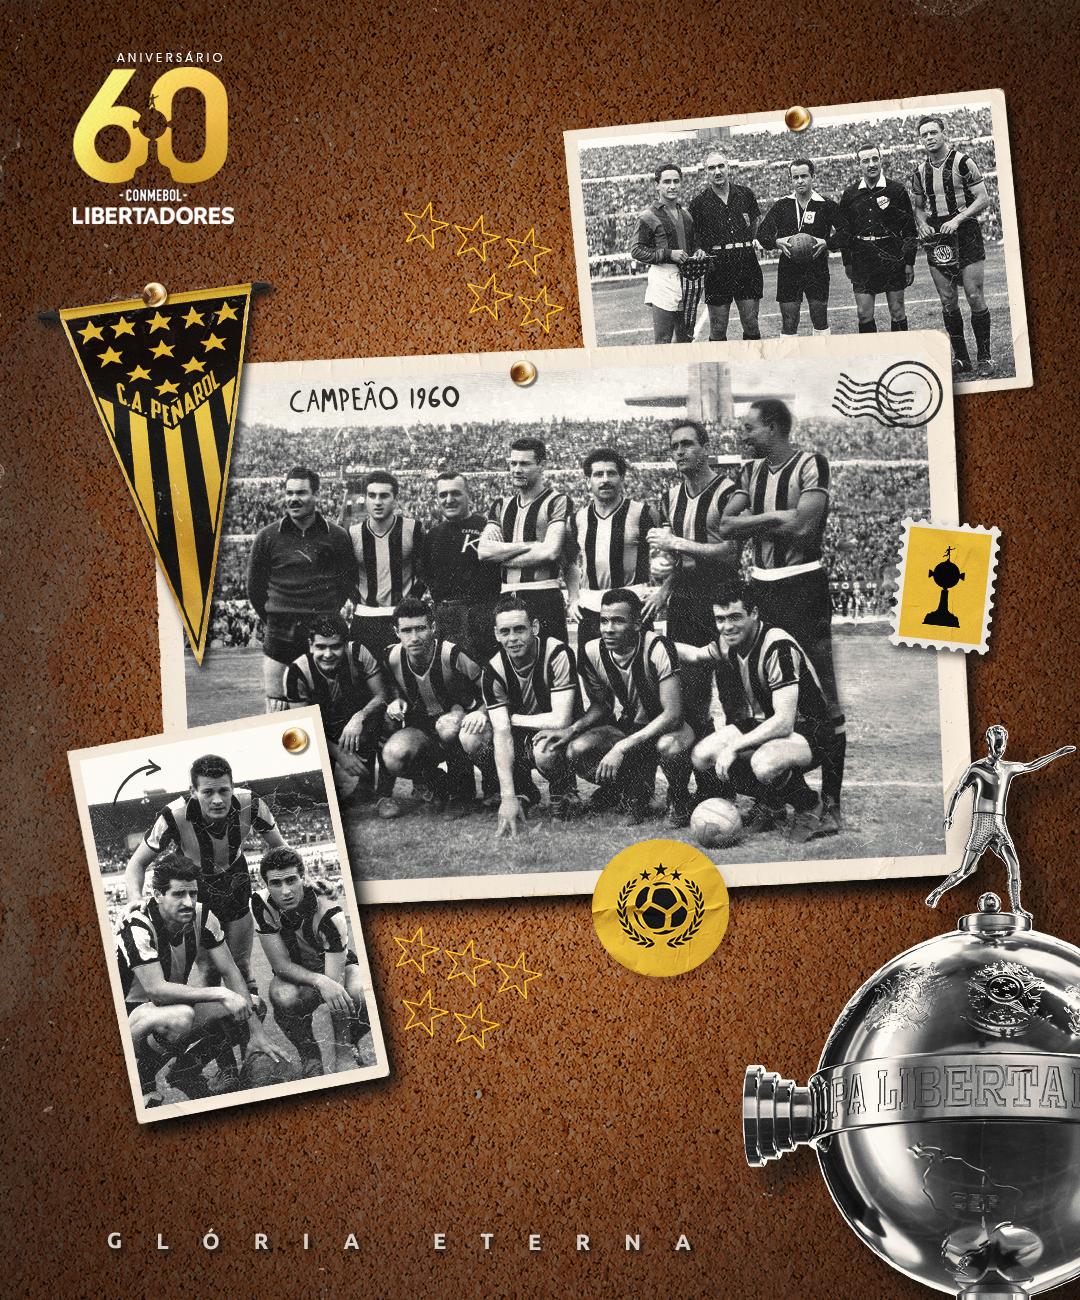 Peñarol campeão Libertadores 1960